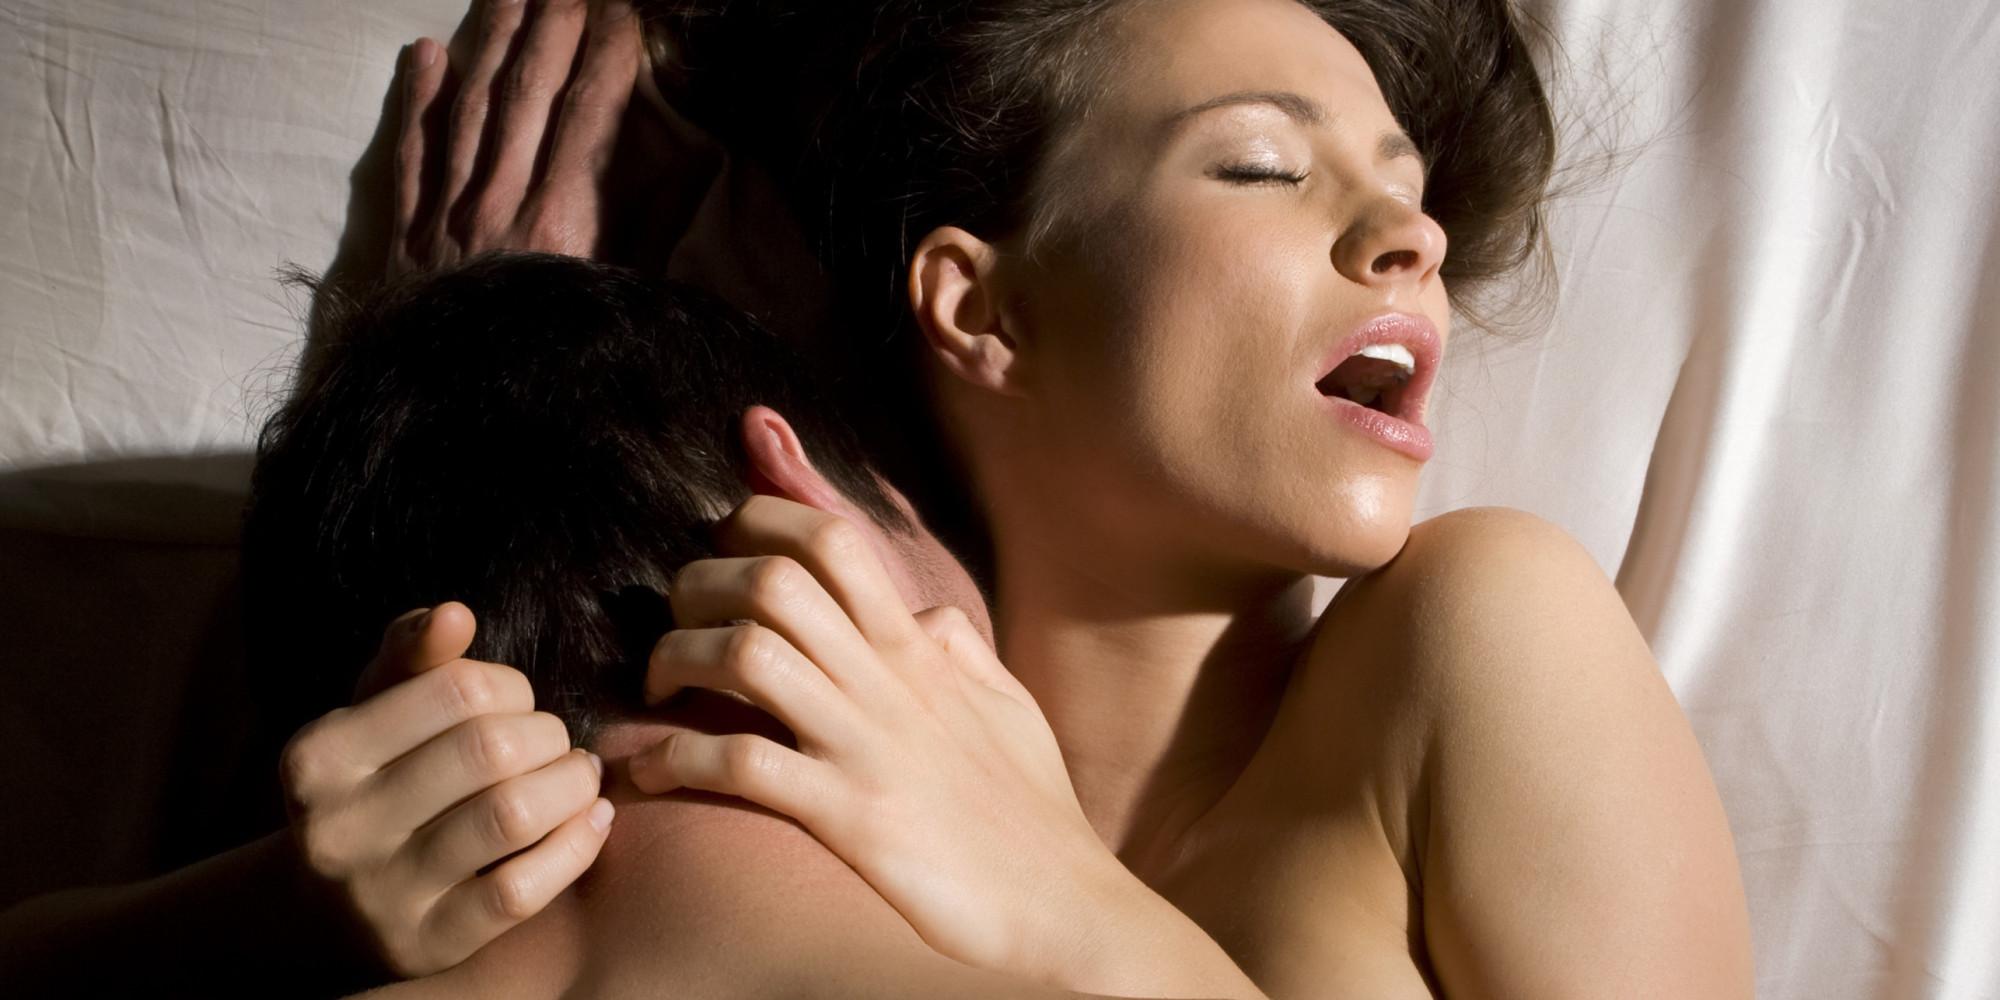 Mitovi o ženskom orgazmu